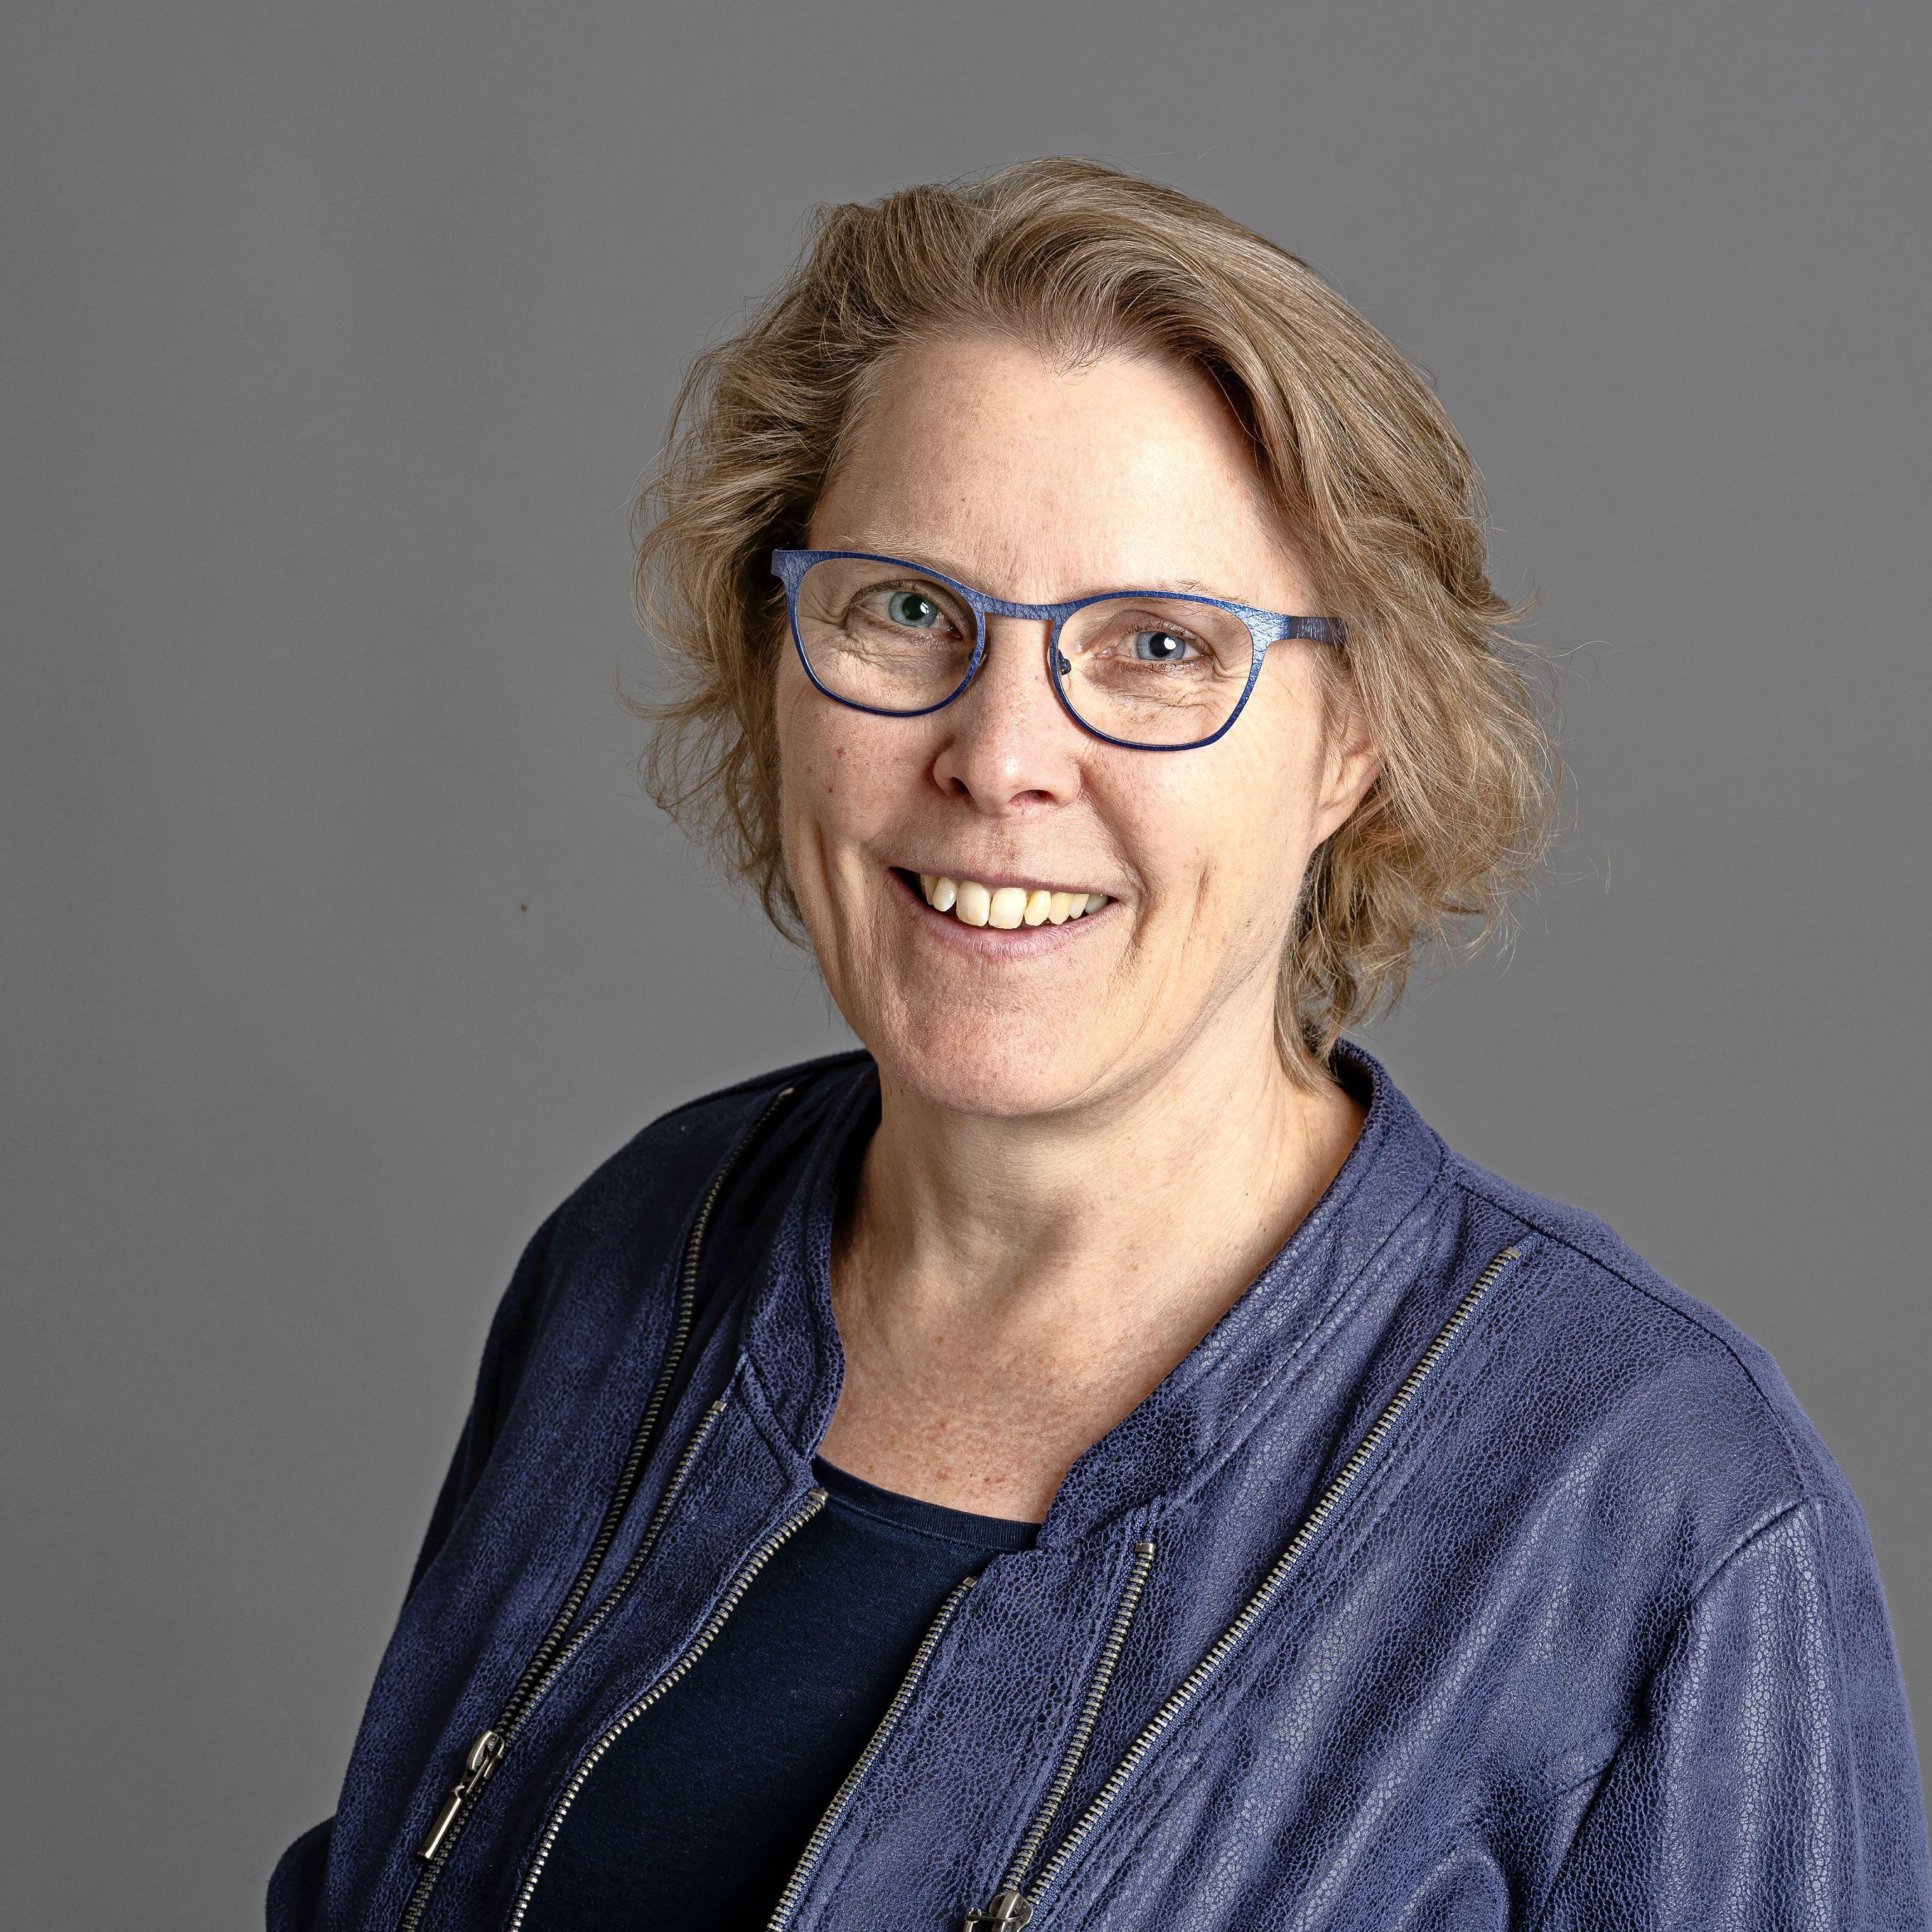 Paula Hijne heeft van haar beperkingen haar kracht gemaakt en zich ontwikkeld tot expert in het begeleiden van mensen met evenwichts- of gehoorproblemen. Haar tweede boek is uit